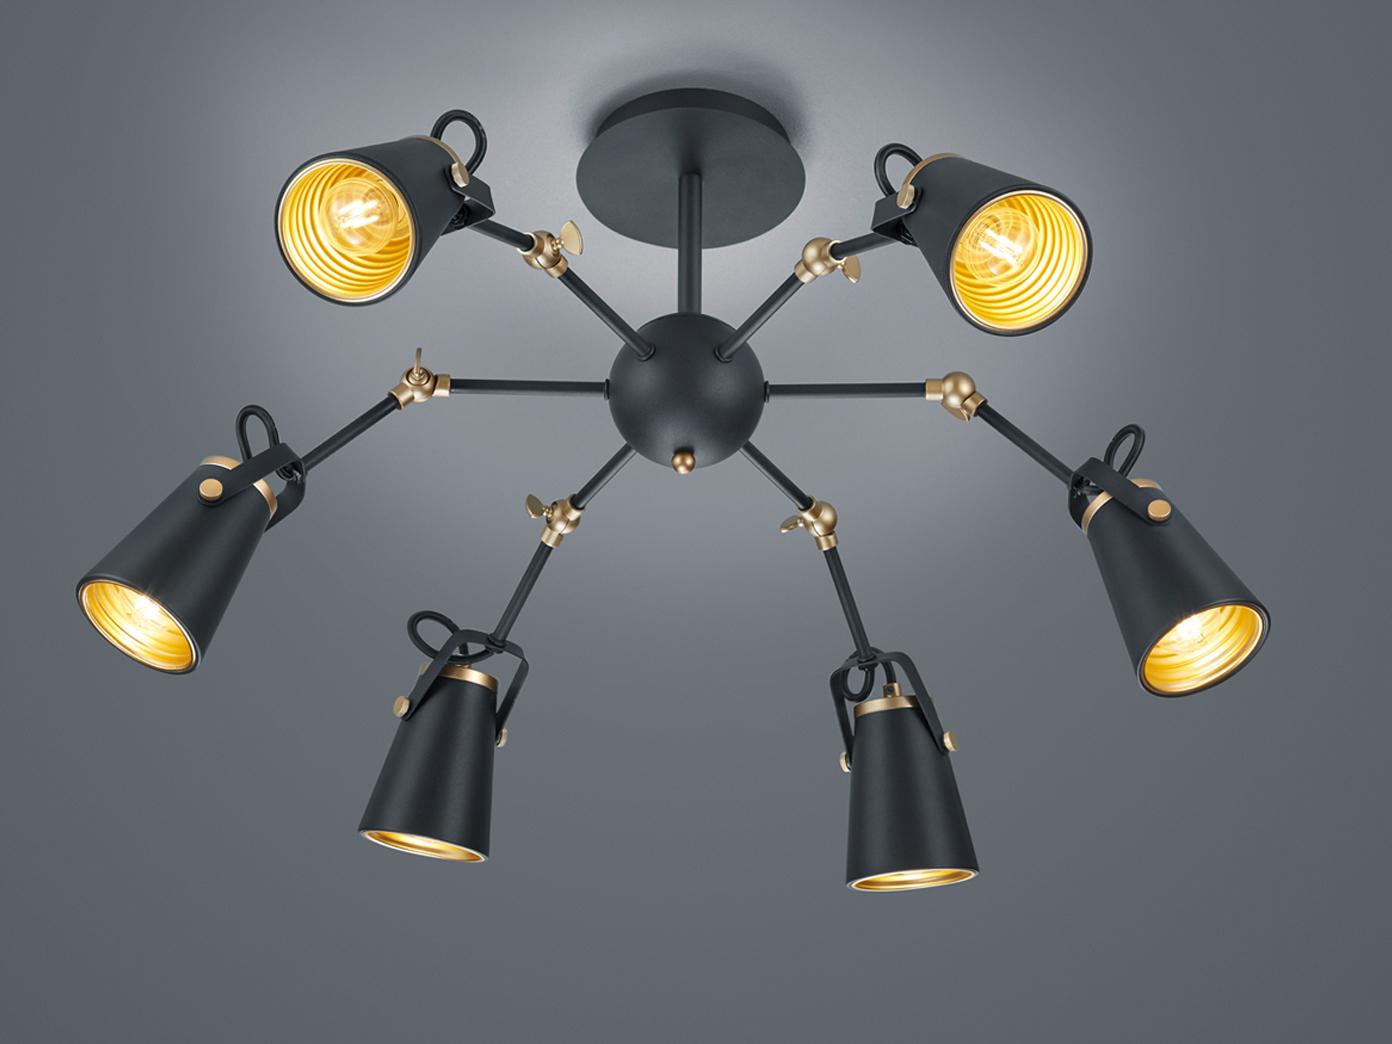 Coole Deckenlampe für Wohnzimmer aus Metall in schwarz mit 3 verstellbaren  Spots - yatego.com